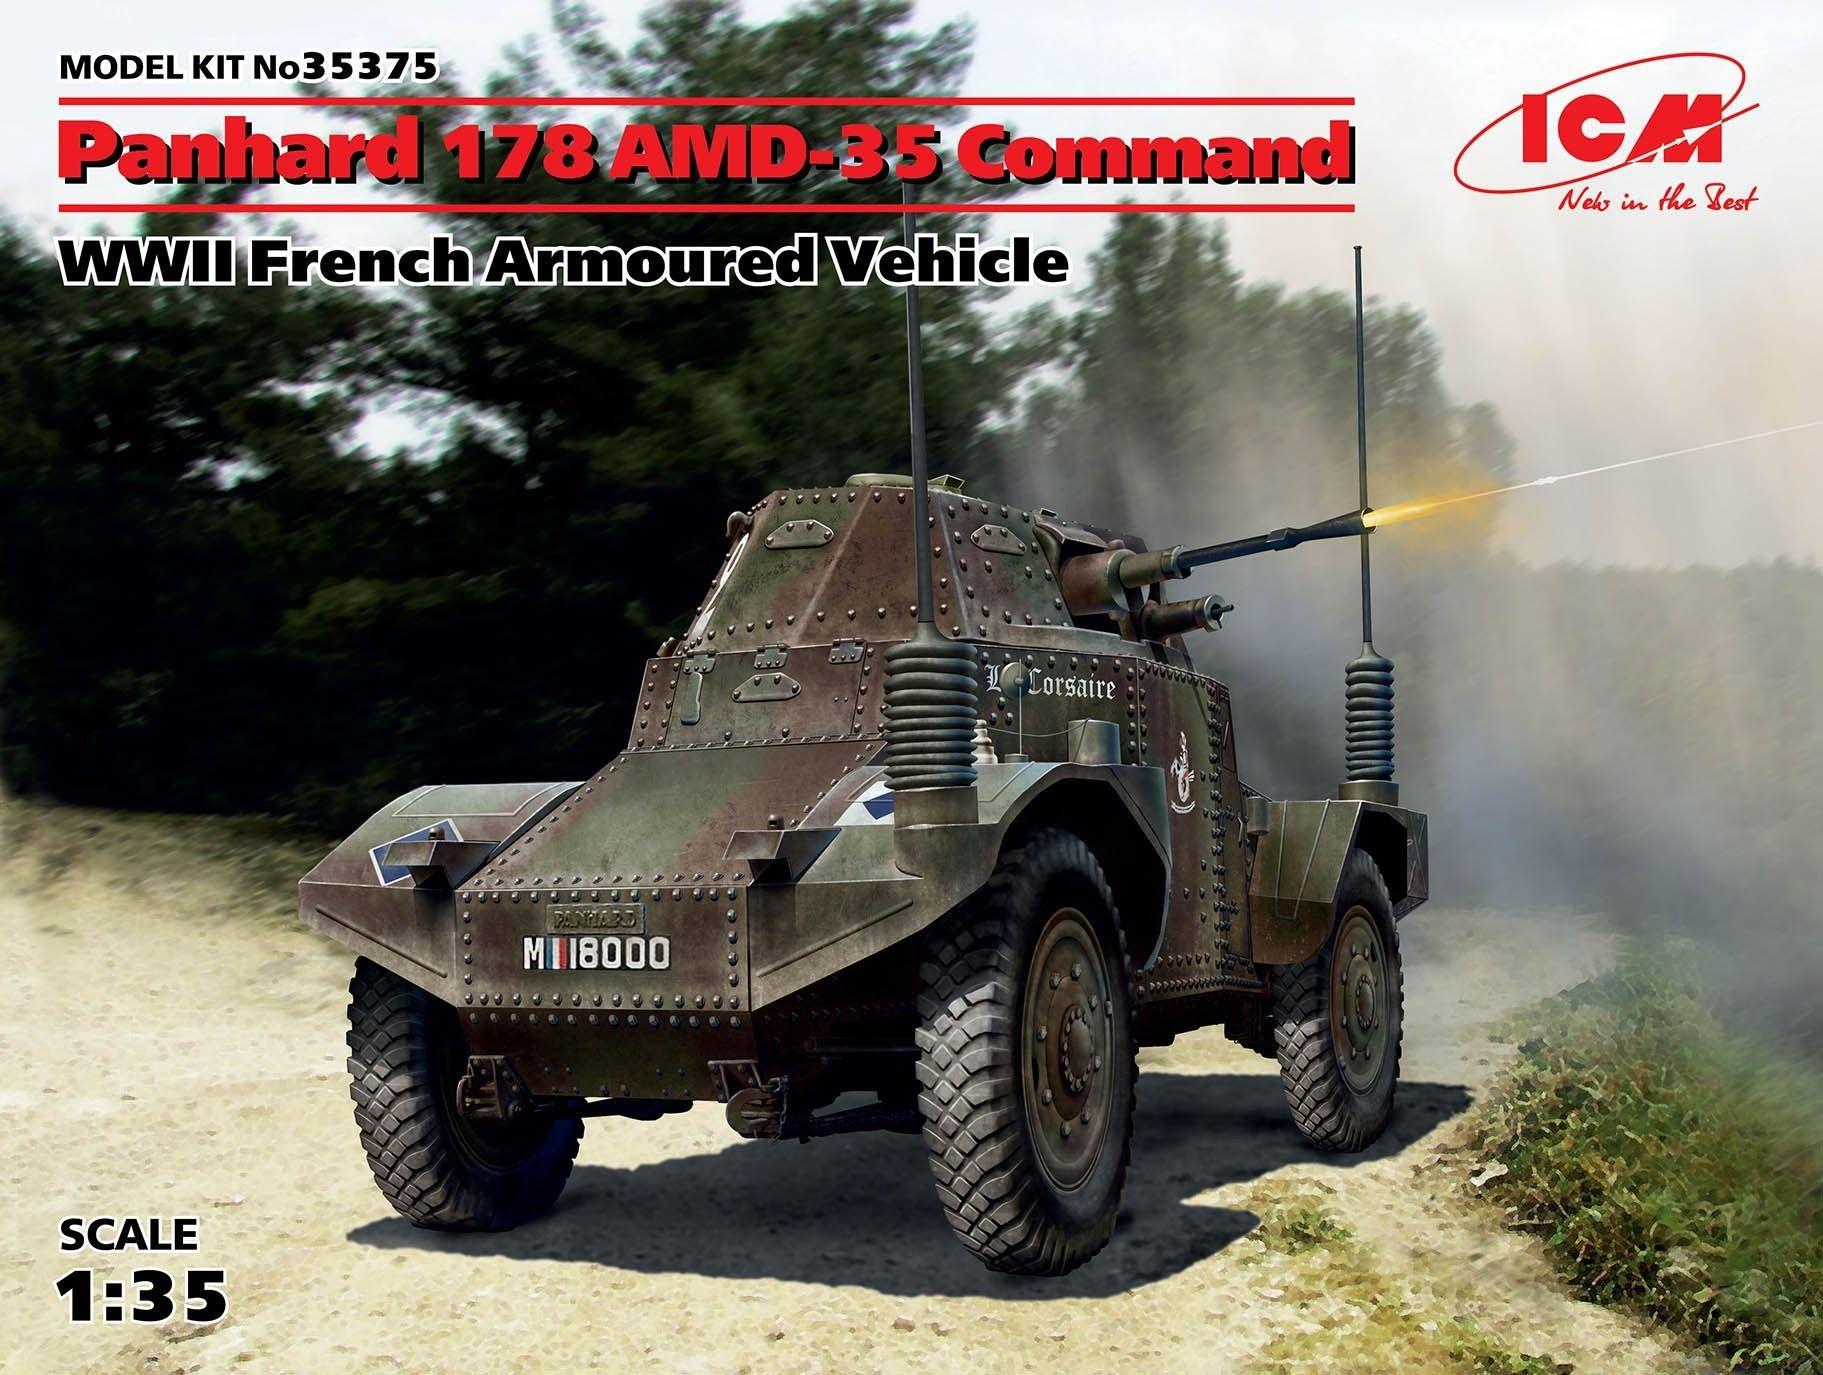 Военен сглобяем модел - Френска бронирана машина Панар 178 АМД-3 (Panhard 178 AMD-35 Command) от Втората световна война - 1